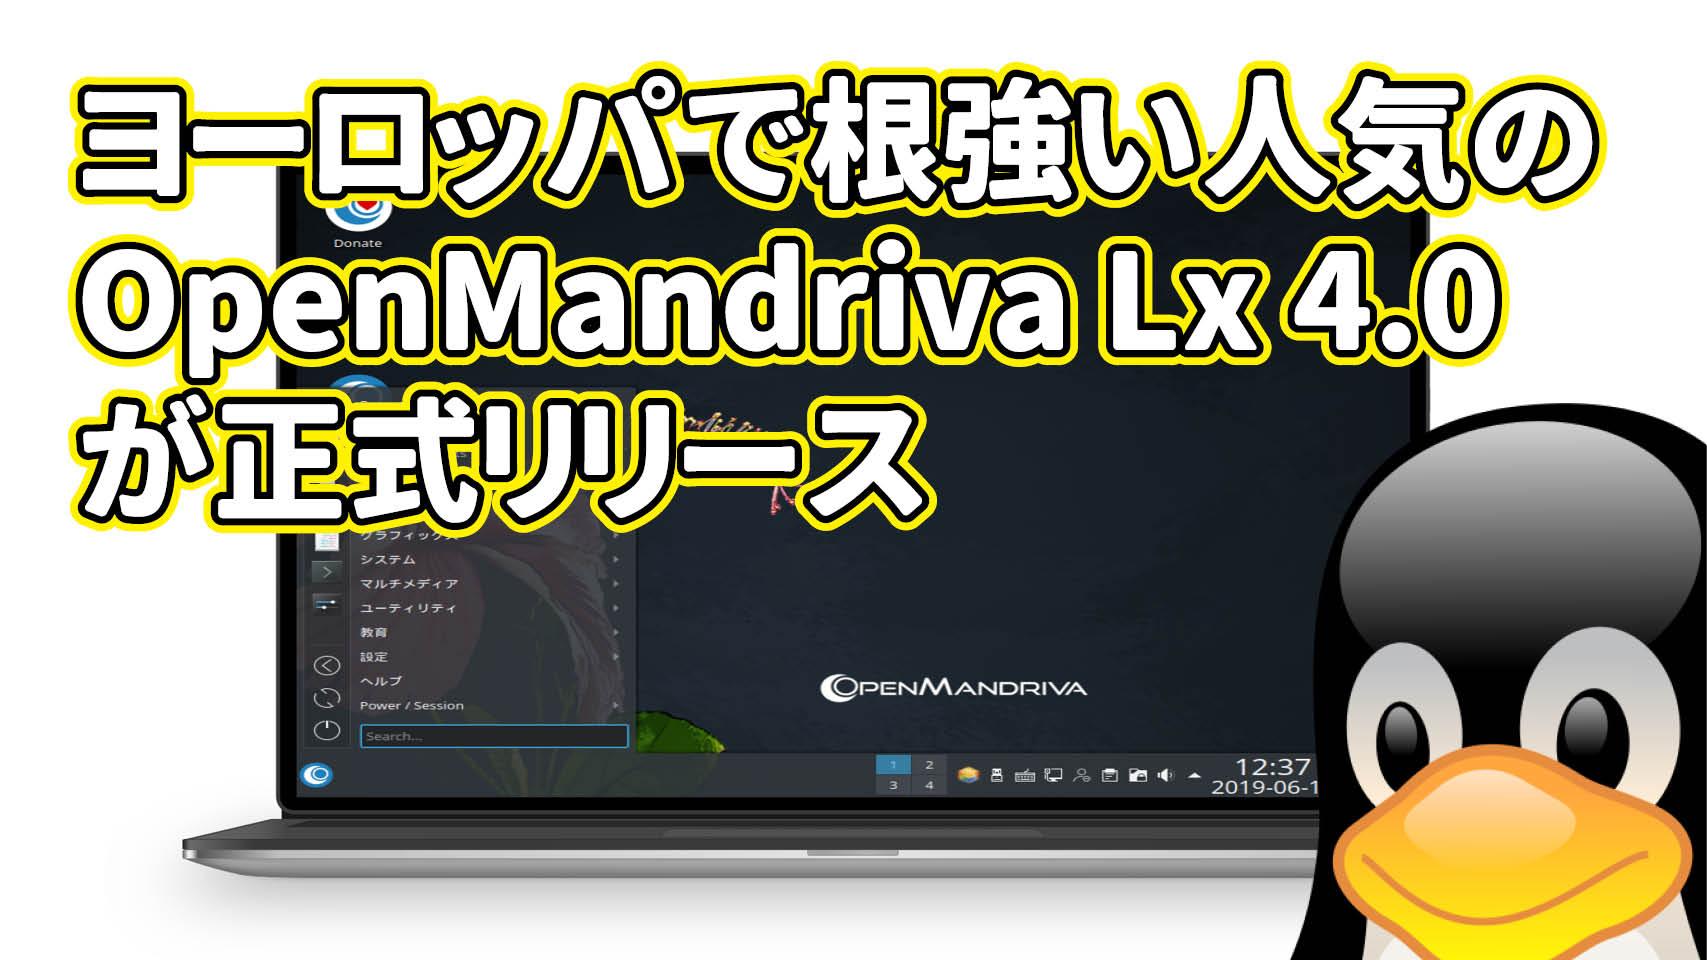 ヨーロッパで根強い人気の OpenMandriva Lx 4.0 が正式リリース